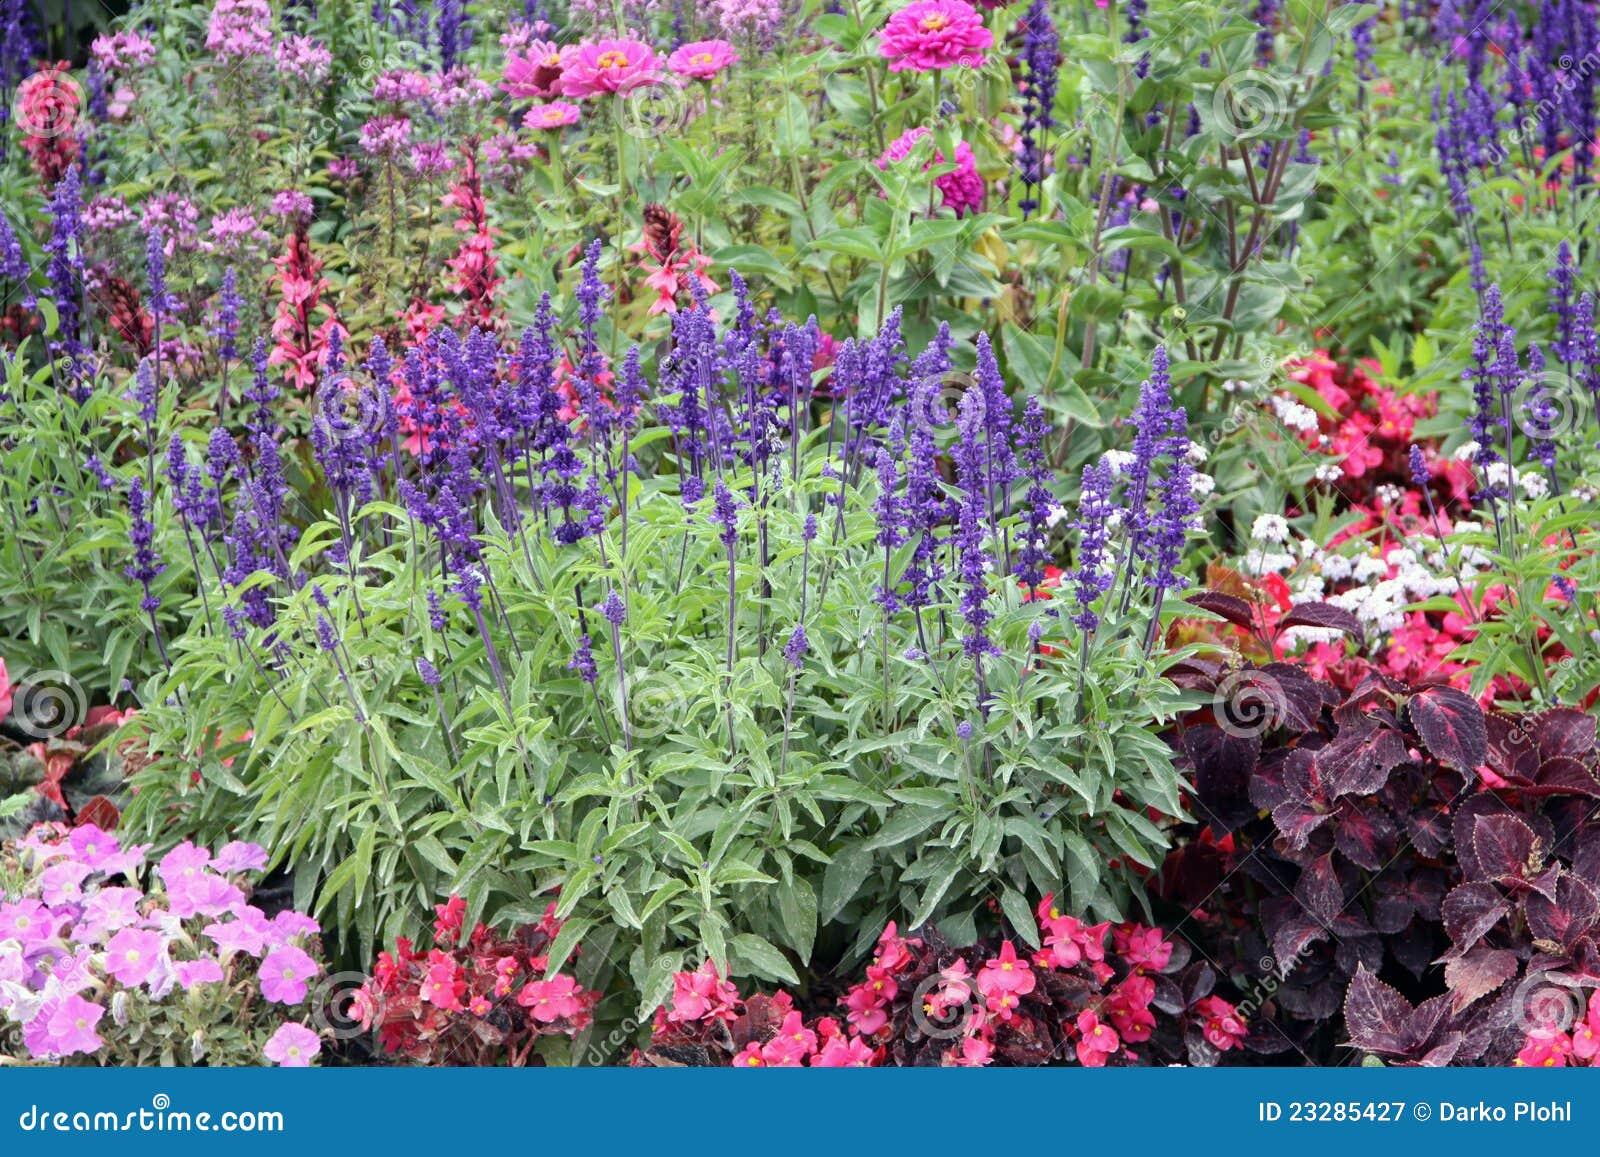 flores para jardim verao : flores para jardim verao:Verão Anual do jardim de flores